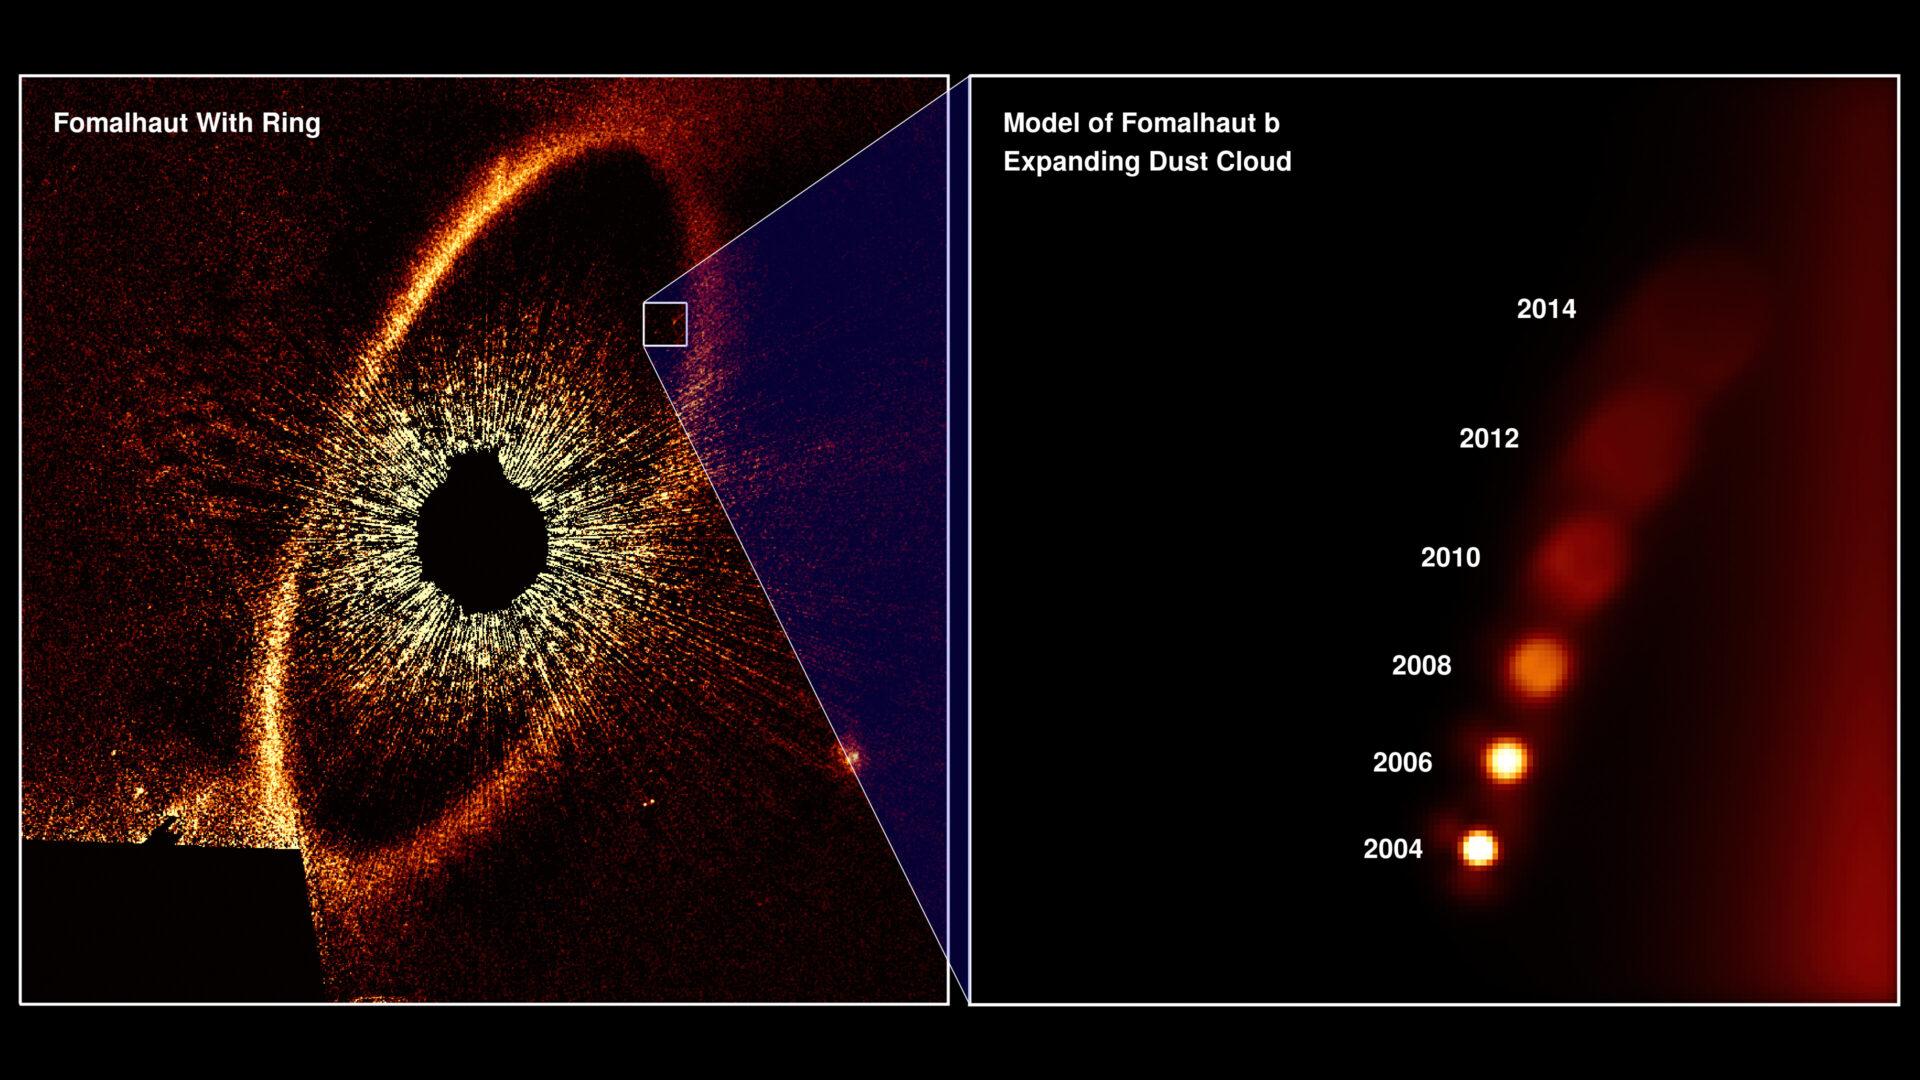 Pensavo fosse un esopianeta, invece era una nube di detriti: le osservazioni di Hubble Space Telescope rivelano la vera natura dell'oggetto in orbita attorno a Fomalhaut Crediti: NASA, ESA, and A. Gáspár and G. Rieke (University of Arizona) https://www.spacetelescope.org/images/heic2006b/